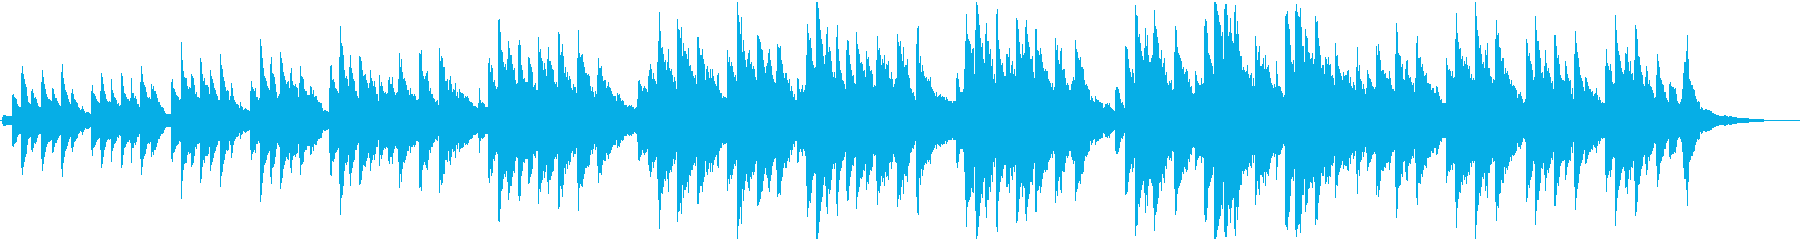 ロマンチック  入札 ピアノの再生済みの波形